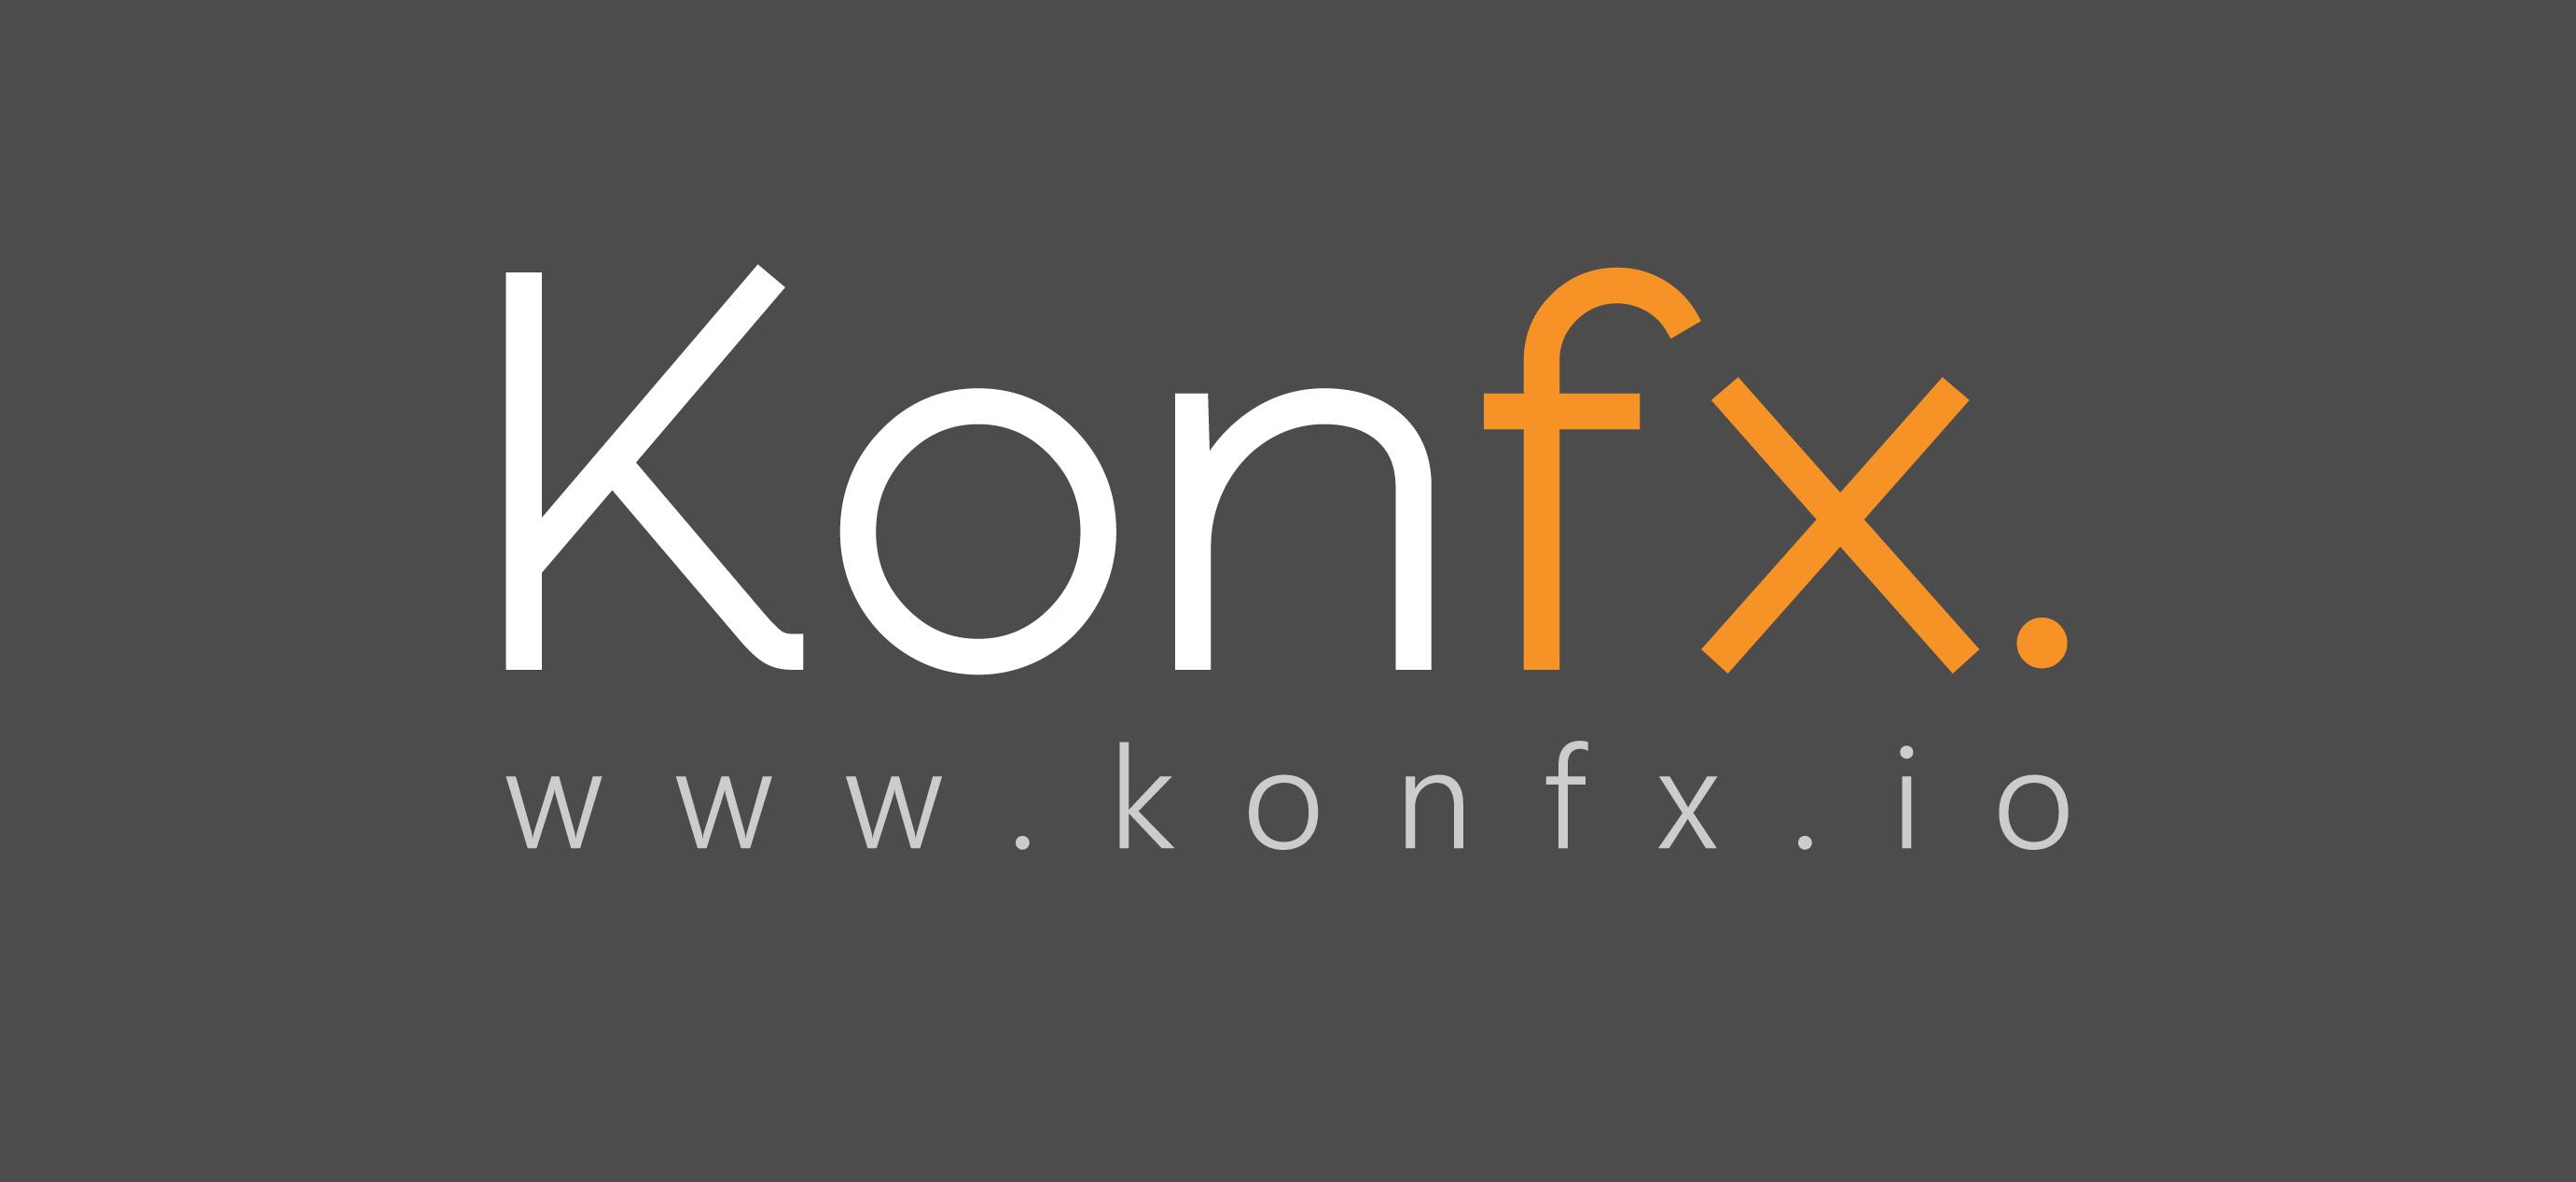 Konfx